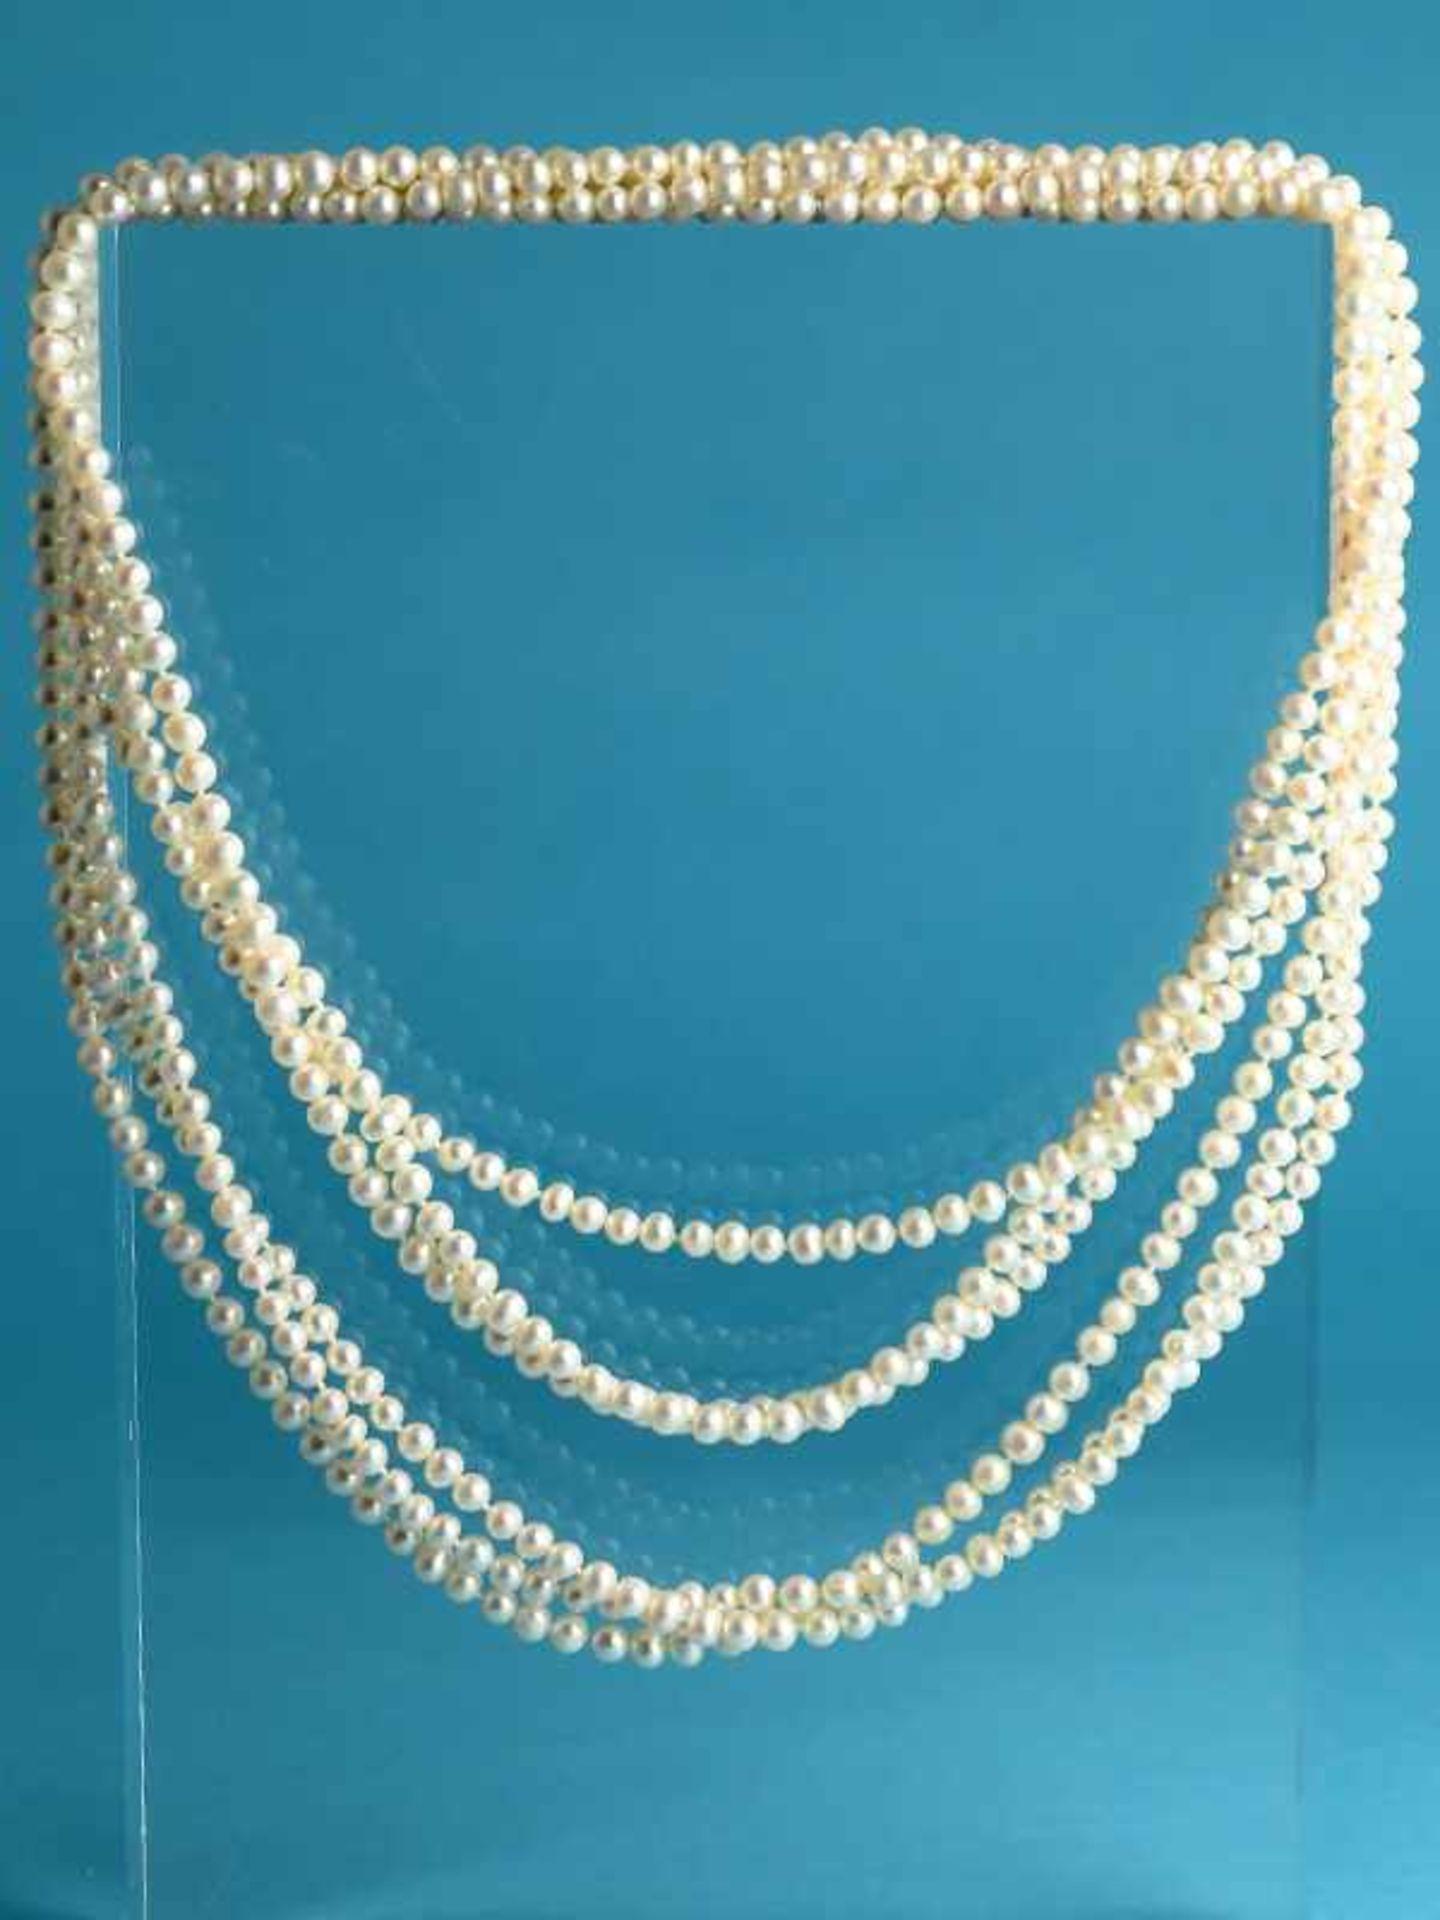 3 lange Zuchtperlenketten, 21. Jh. Endlosstränge und im Abstand von 3 Perlen geknotet. Leichte